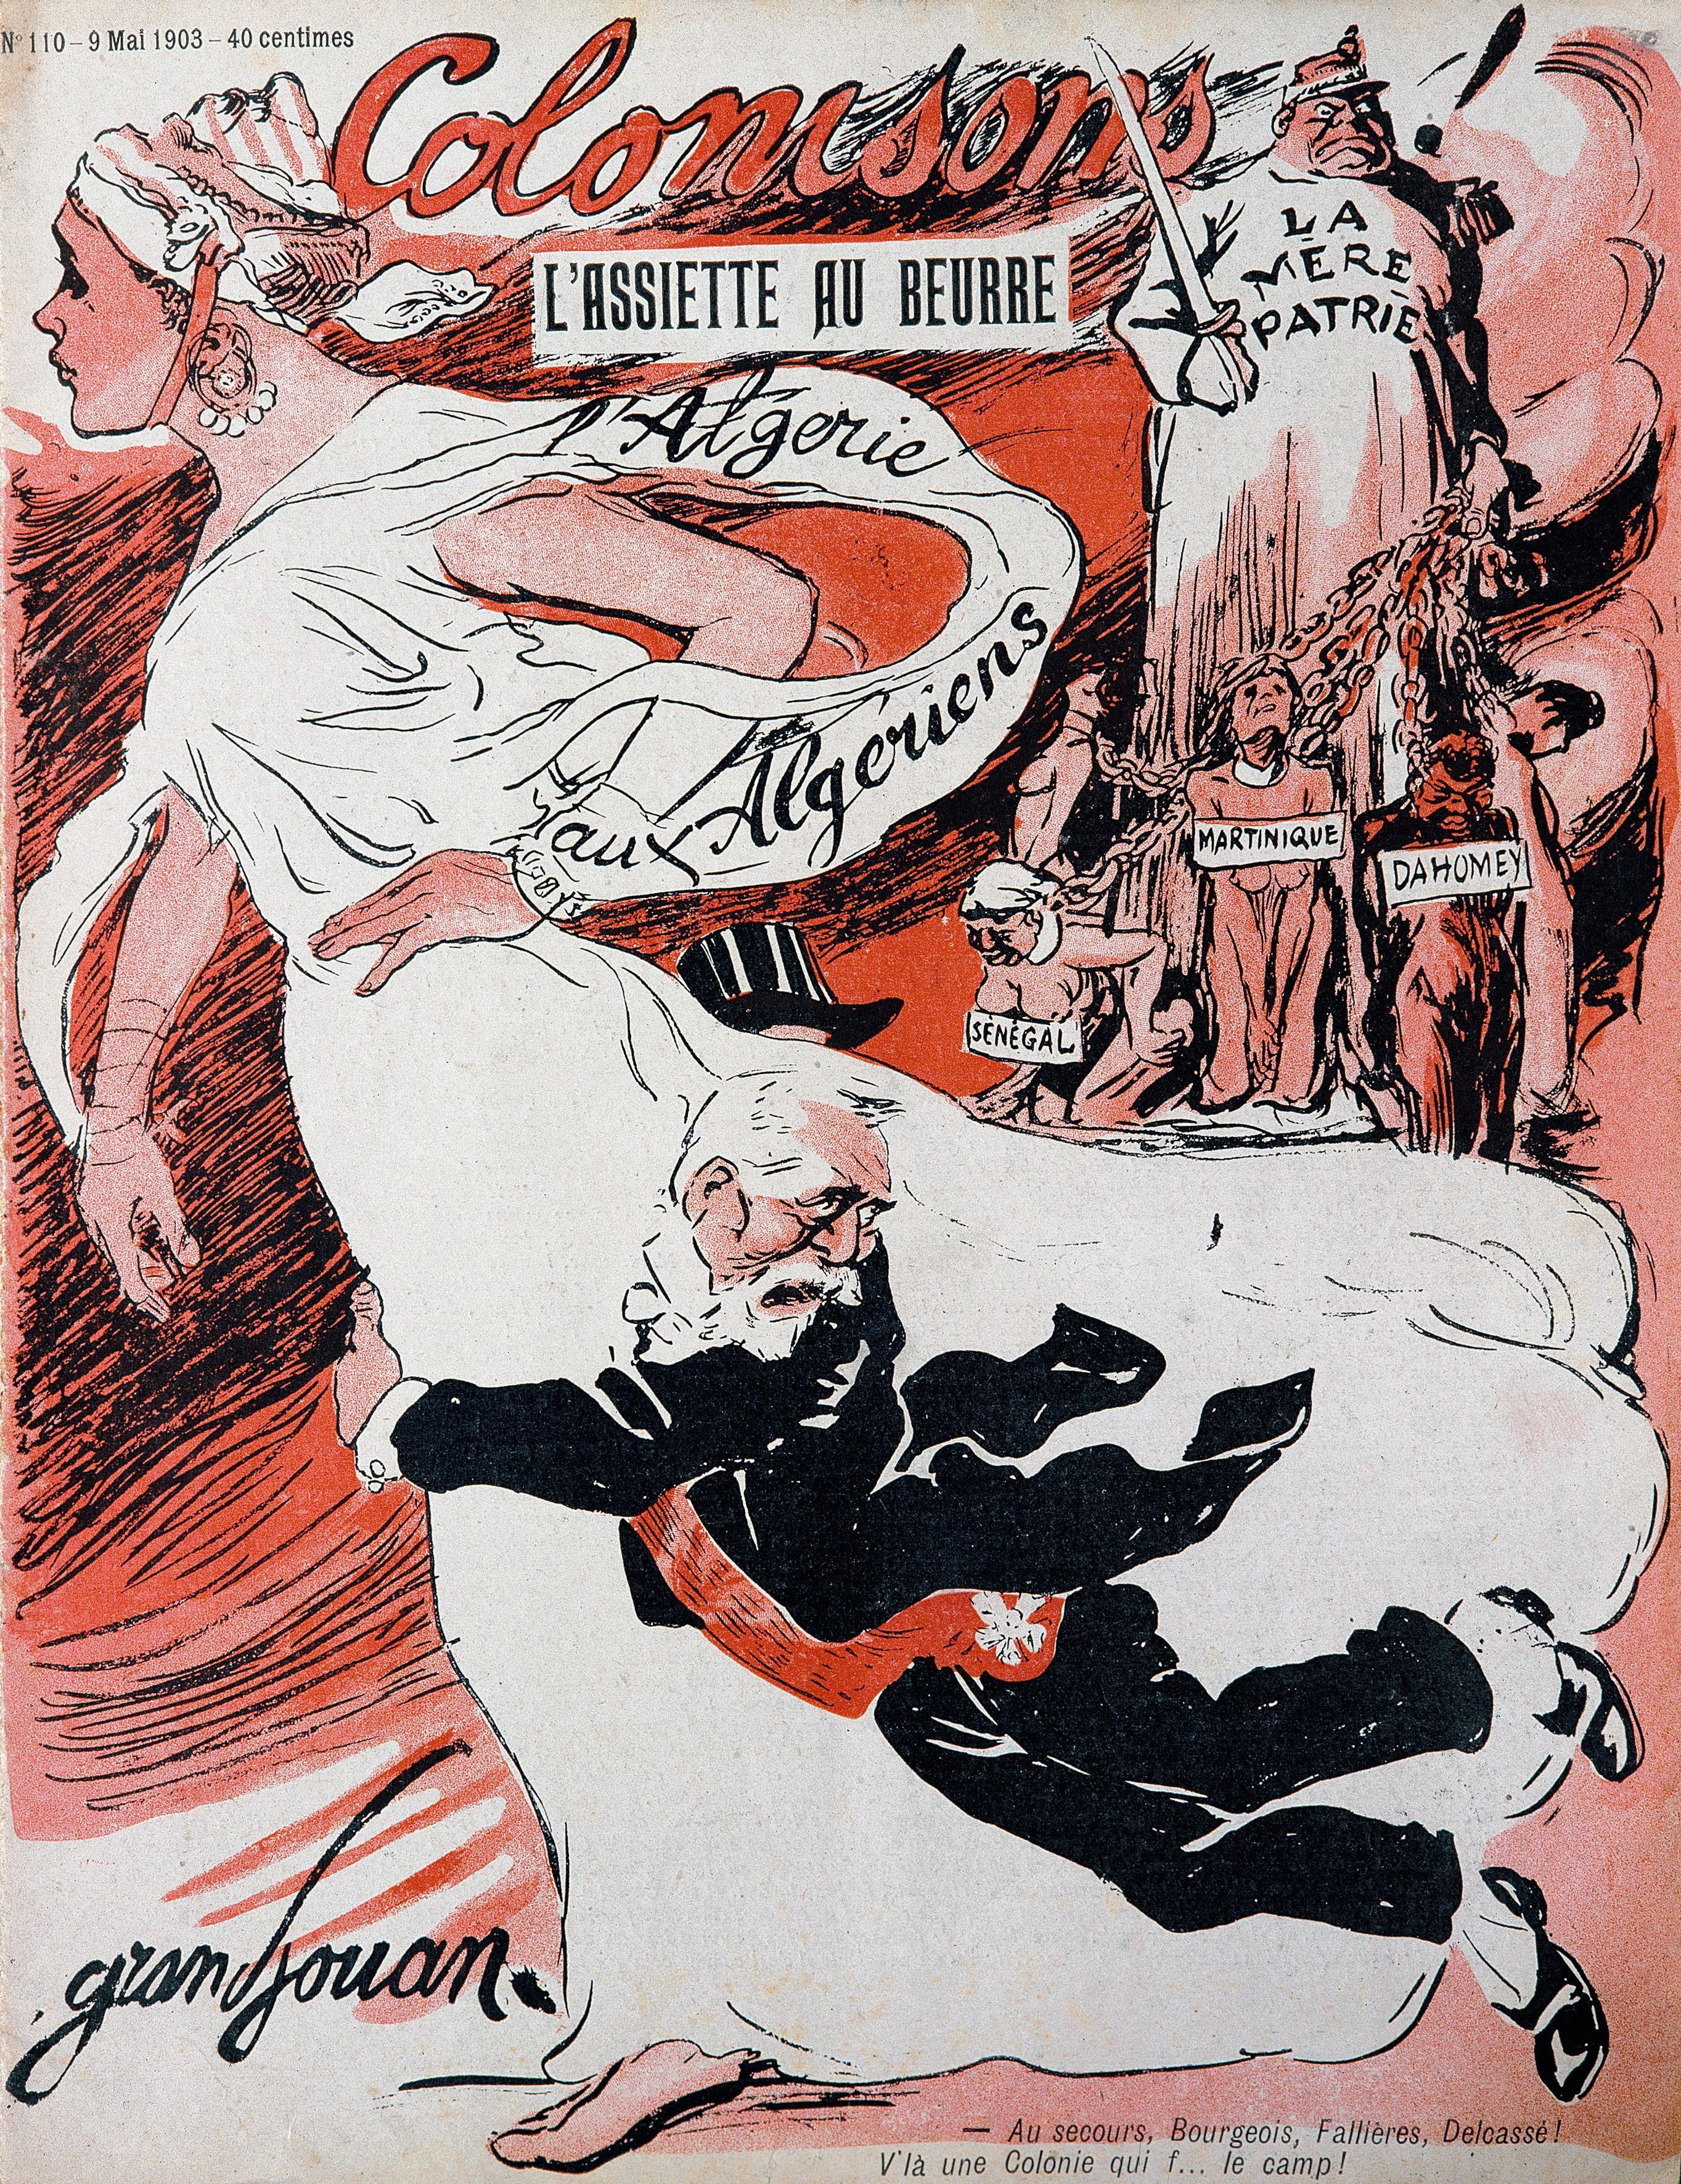 « Colonisons ! », L'Assiette au beurre, n° 110, 9 mai 1903